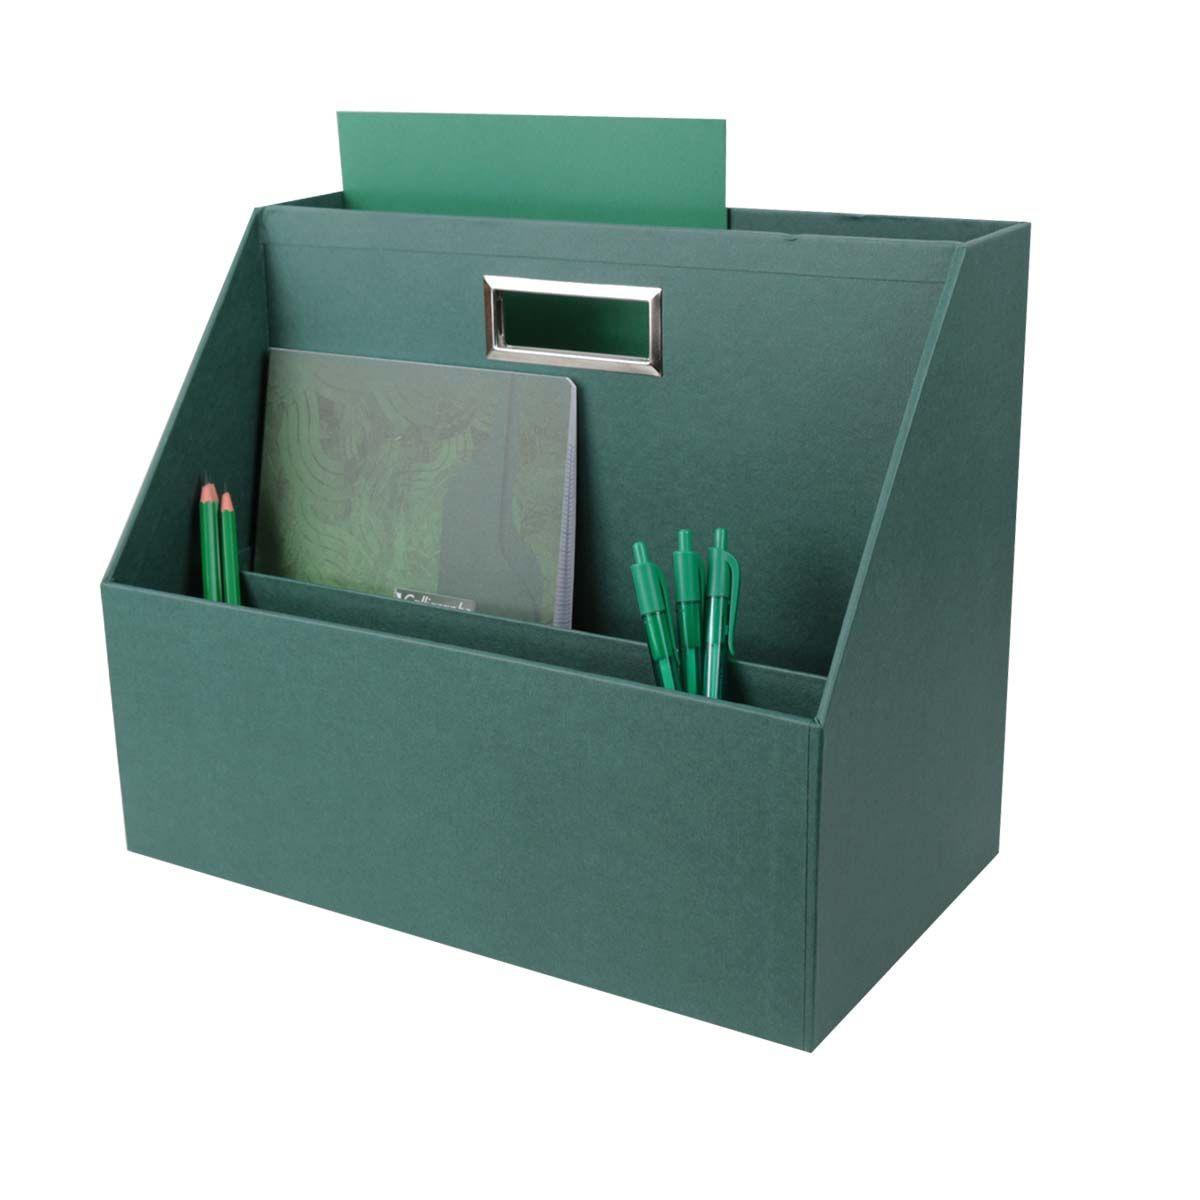 Box de rangement pour flex office - Vert